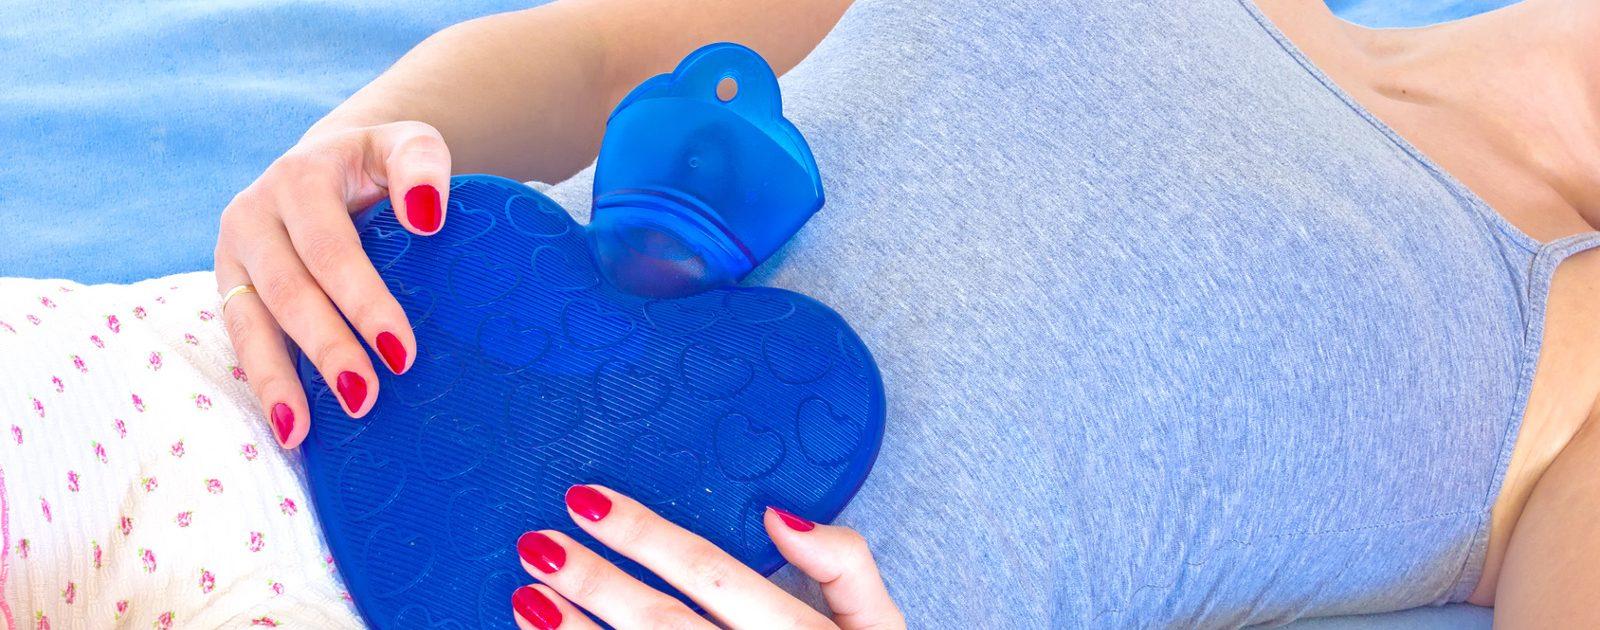 Wärme hilft die Verspannungen im Bauch zu lösen